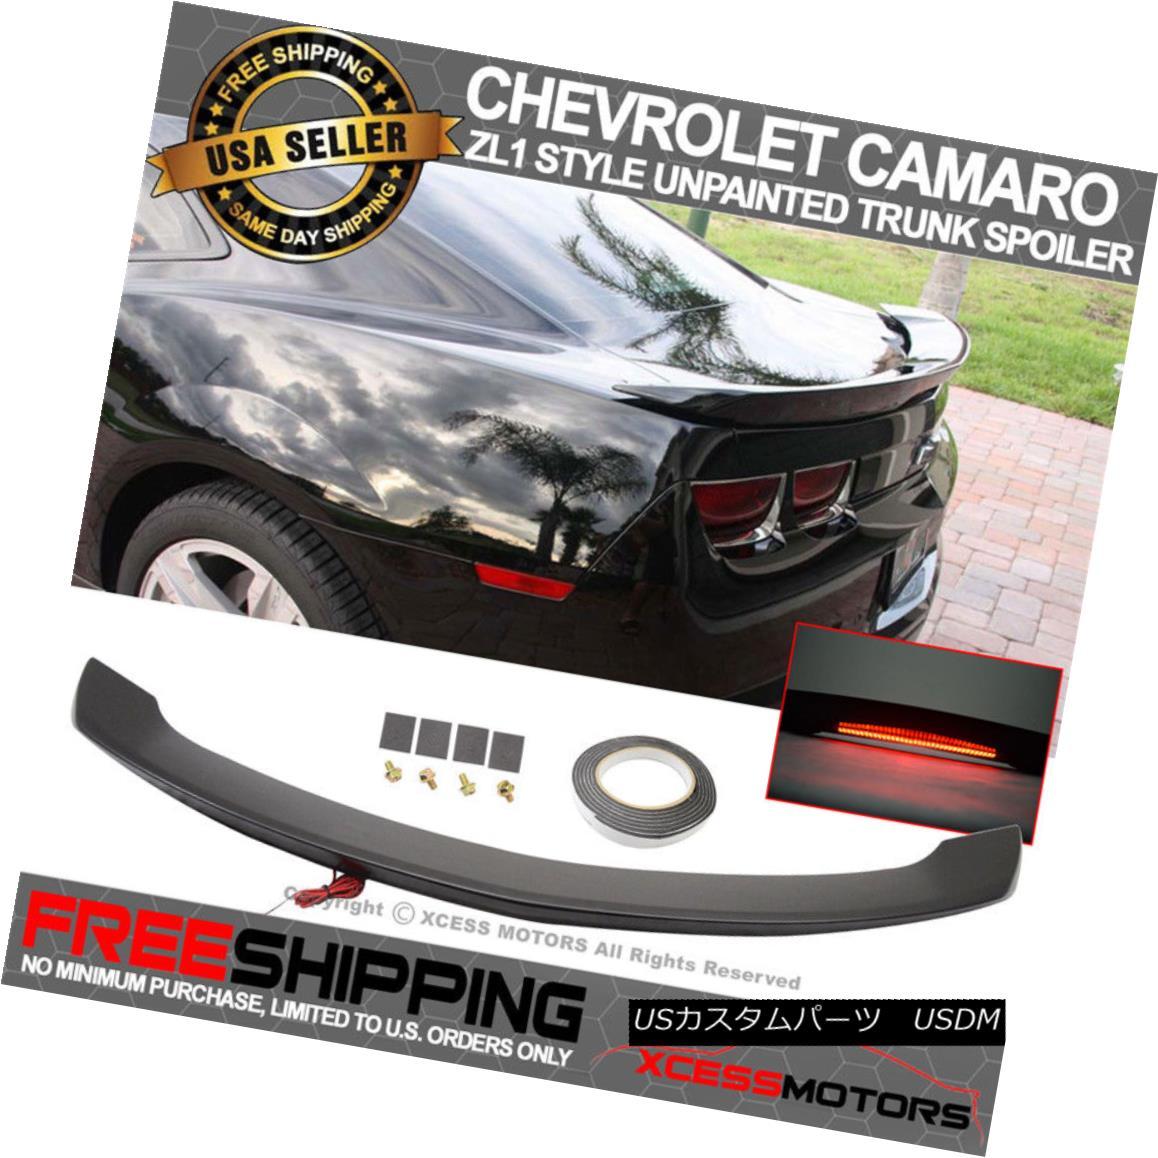 エアロパーツ 10-13 Chevy Camaro ZL1 Style Trunk Spoiler With LED Brake Light Unpainted ABS 10-13シボレーカマロZL1スタイルのトランク・スポイラー、LEDブレーキライト無塗装ABS